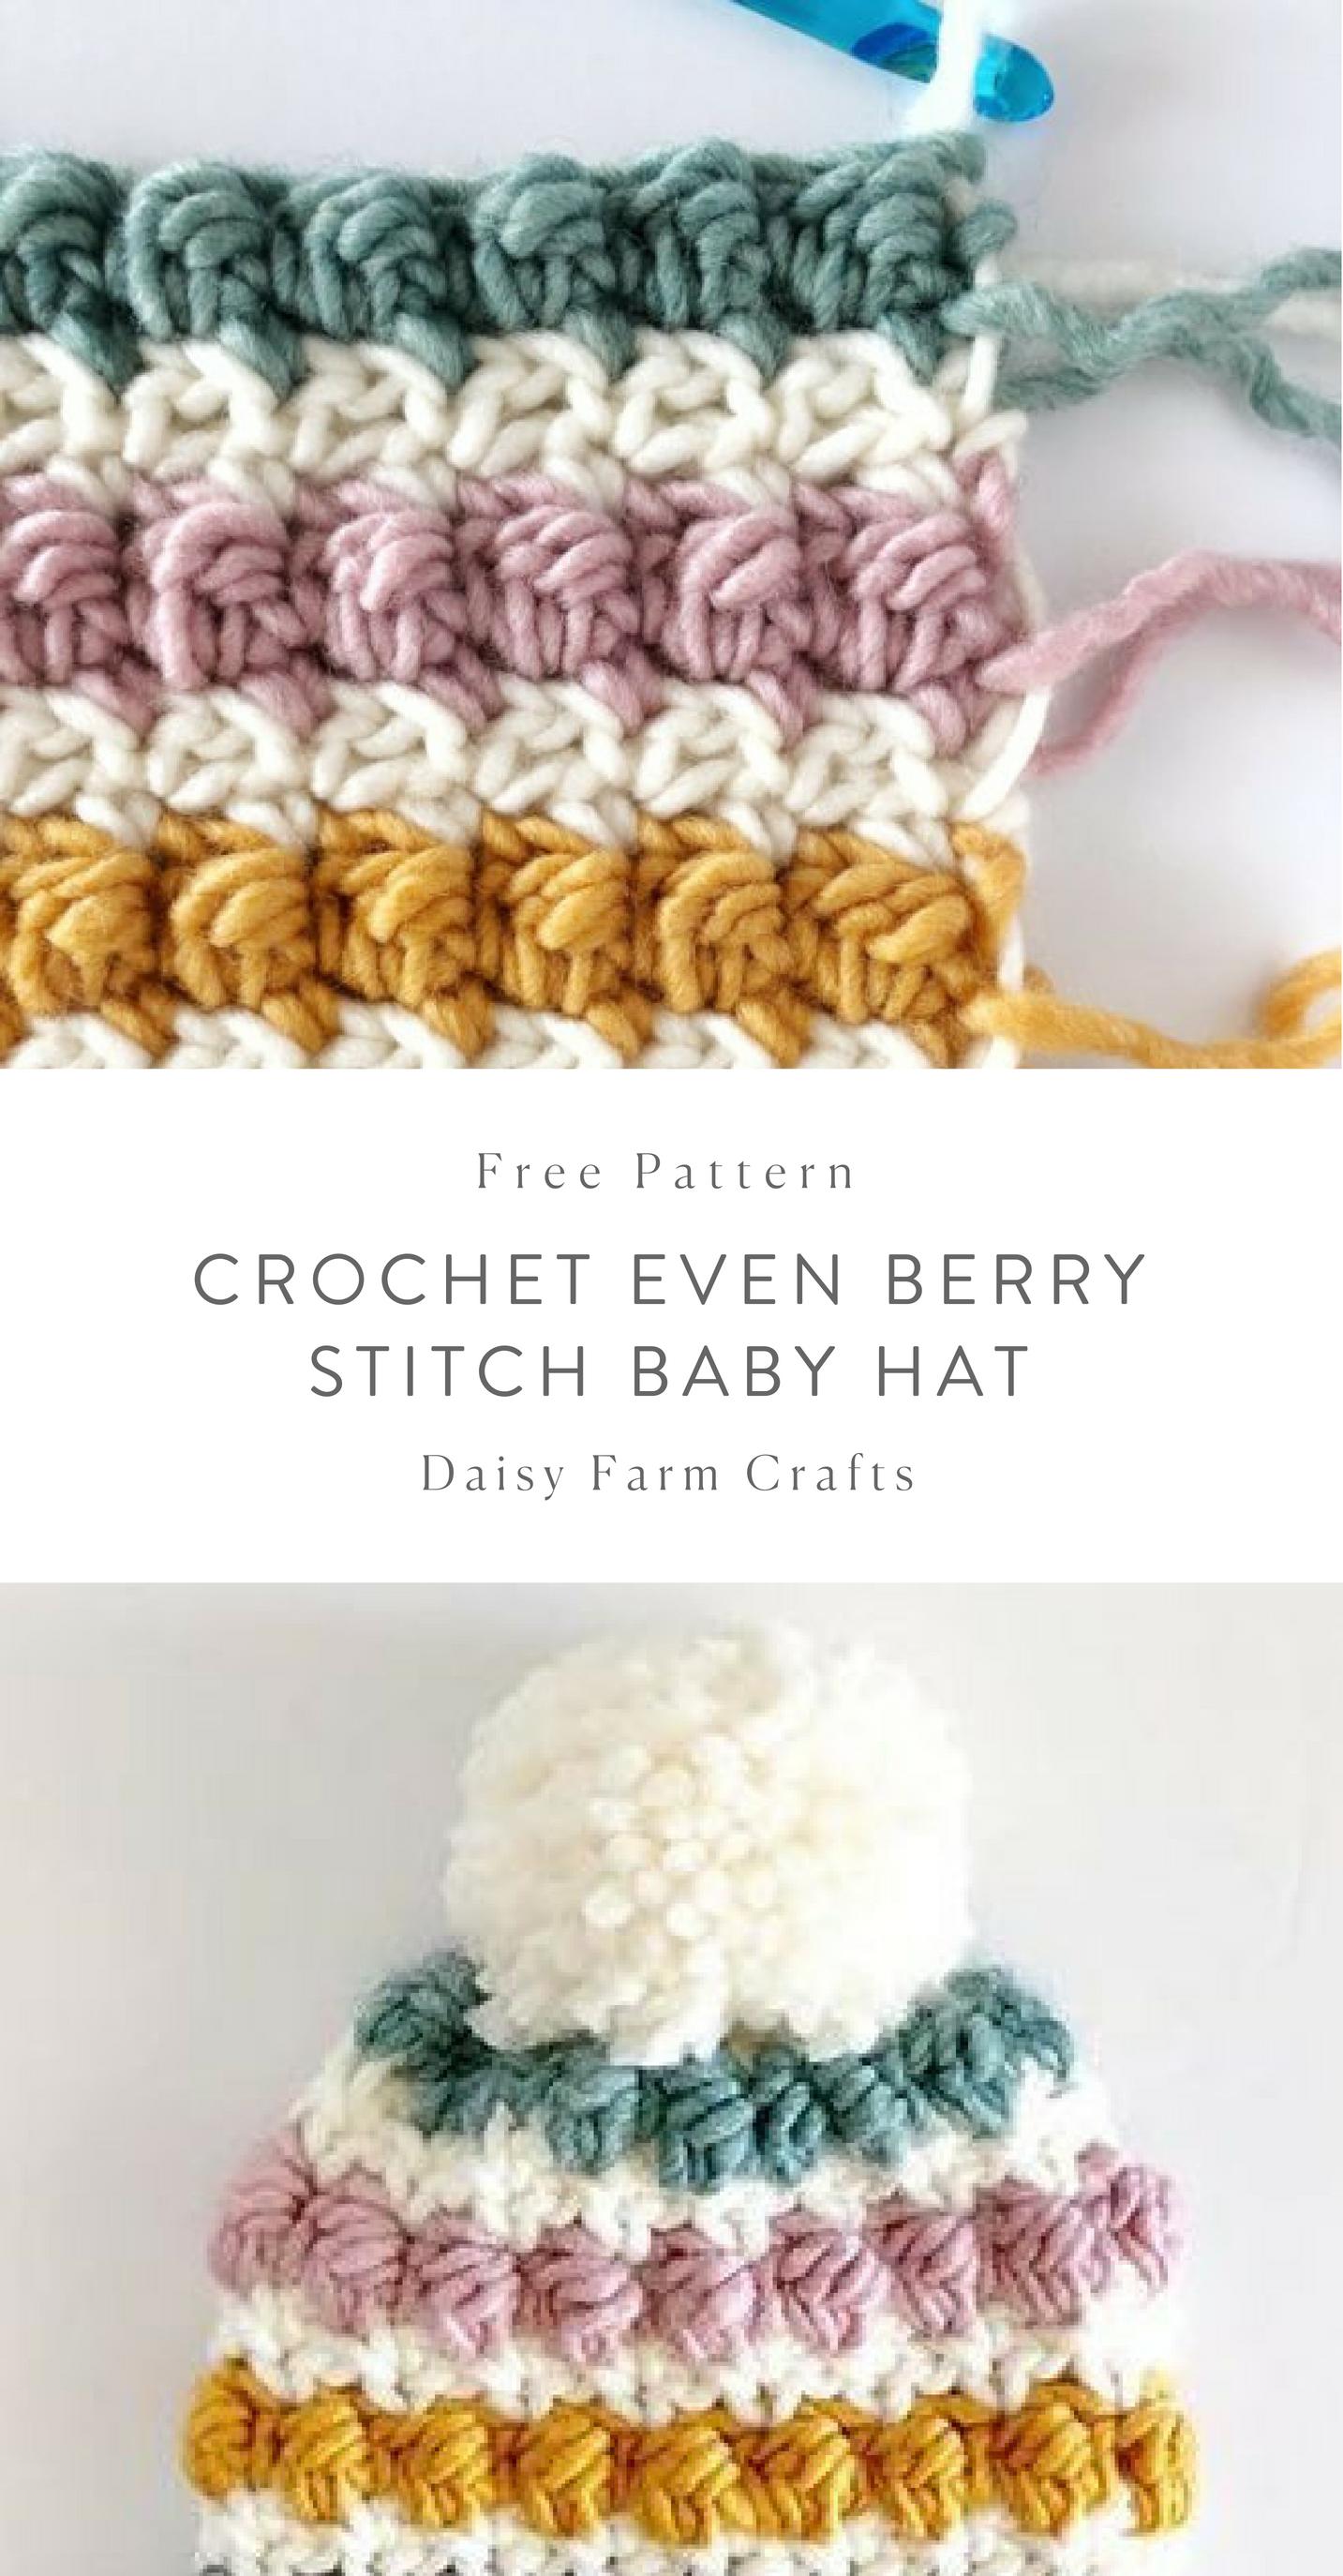 Apprendre tricot crochet gratuit